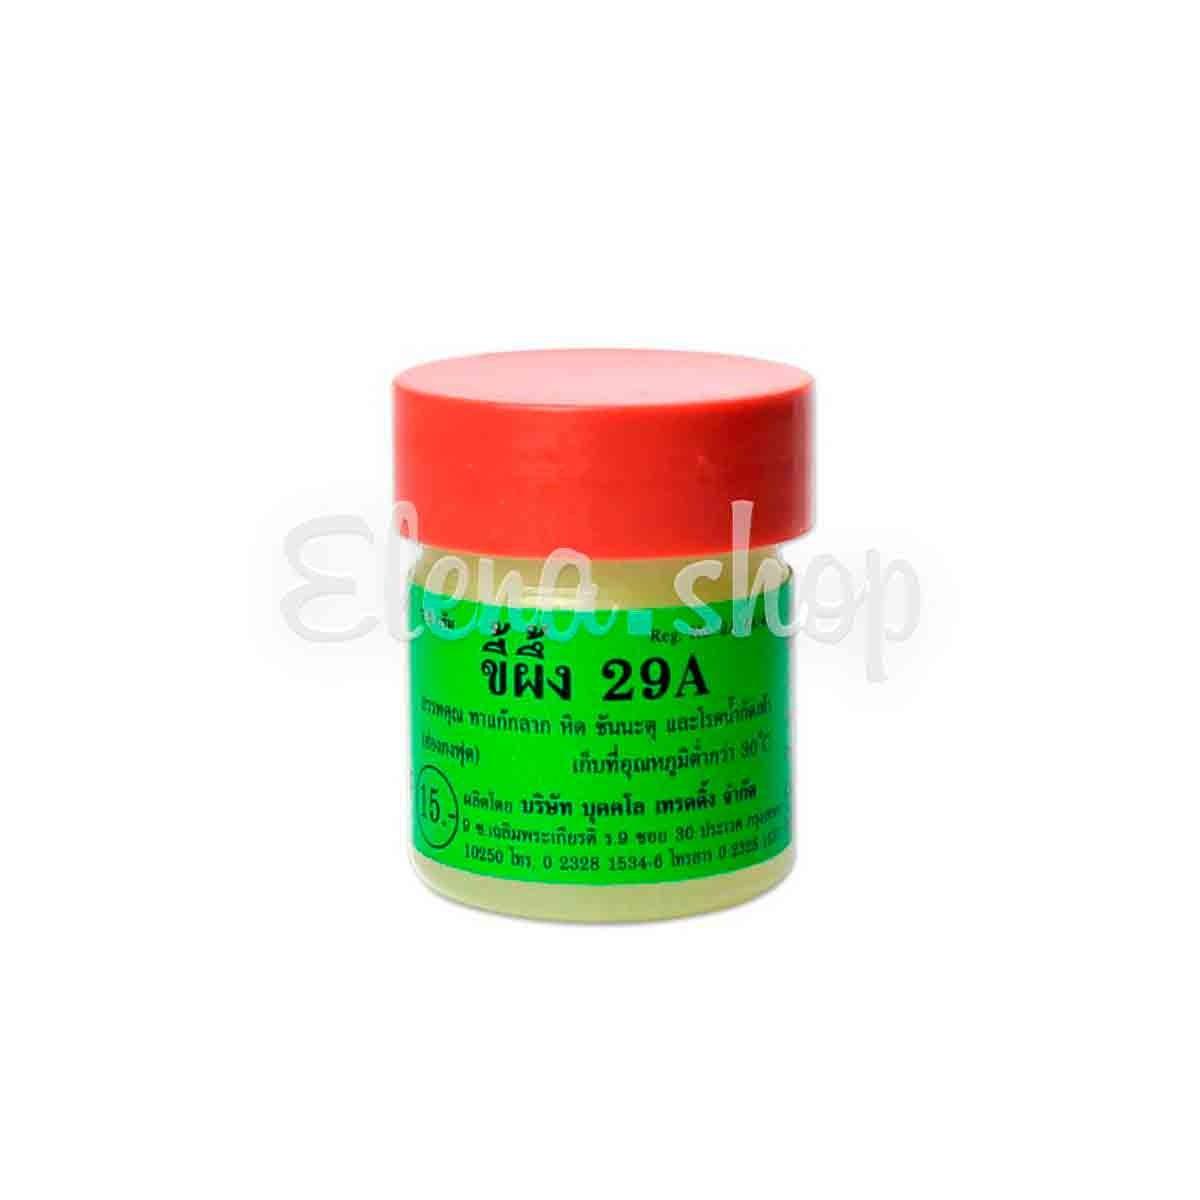 Тайская мазь для лечения грибка, псориаза и экземы 29А Bukalo Trading